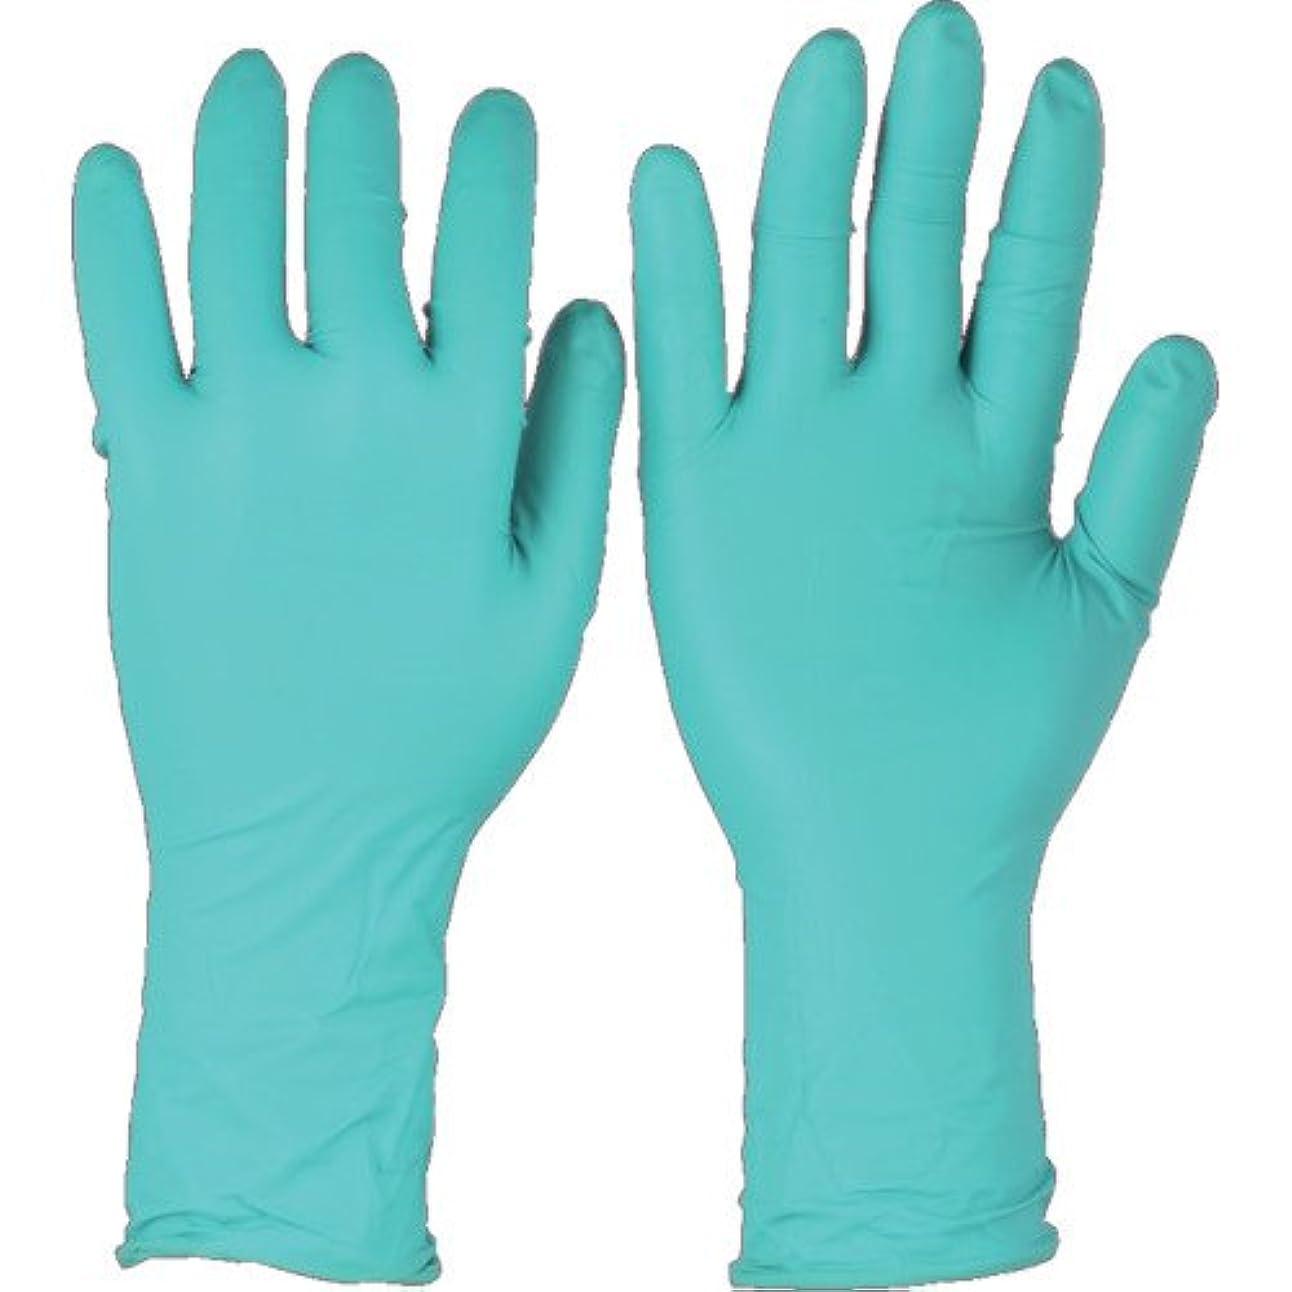 立証する縮れたコントローラトラスコ中山 アンセル ネオプレンゴム使い捨て手袋 マイクロフレックス 93-260 XXLサイズ (50枚入)  9326011